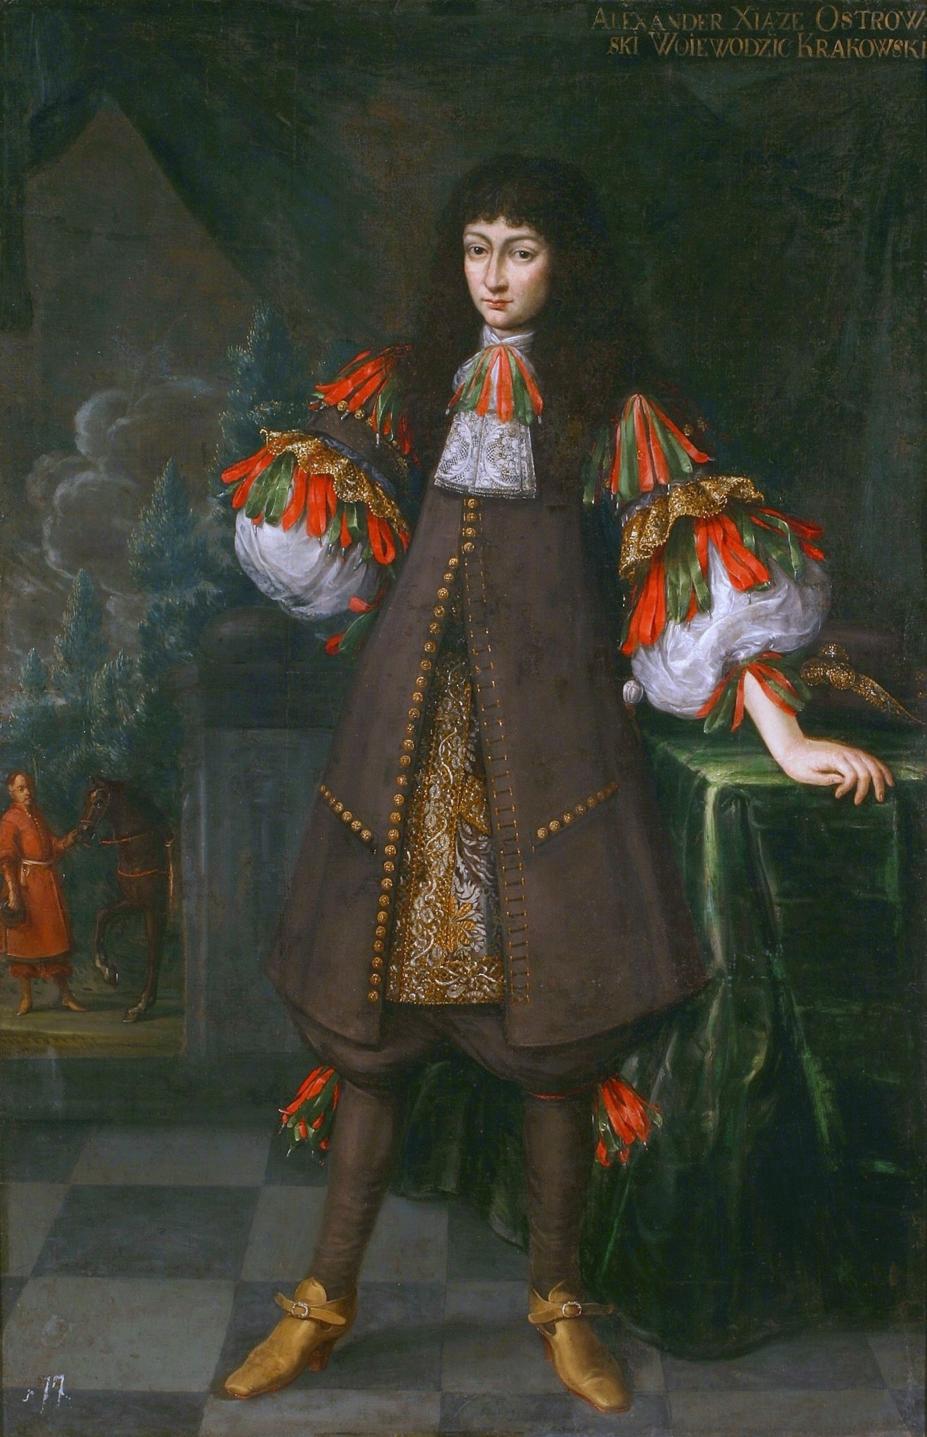 Portrait_of_Aleksander_Zasławski-Ostrogski